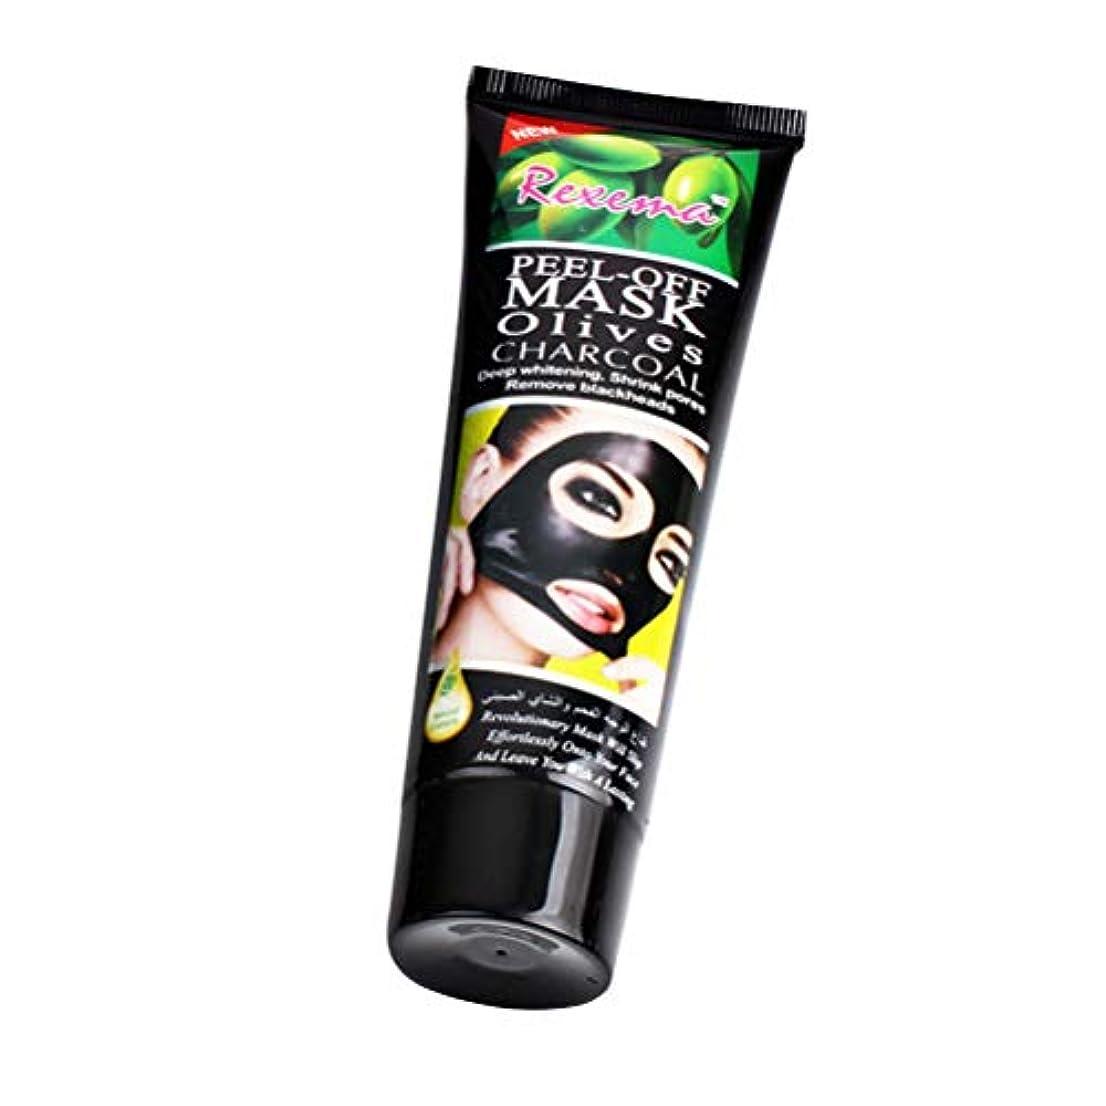 アテンダントトライアスロンコンセンサスHealifty スキンケア保湿フェイスマスクを引き締める美容フェイスマスクナチュラルオリーブ栄養フェイシャルマスク